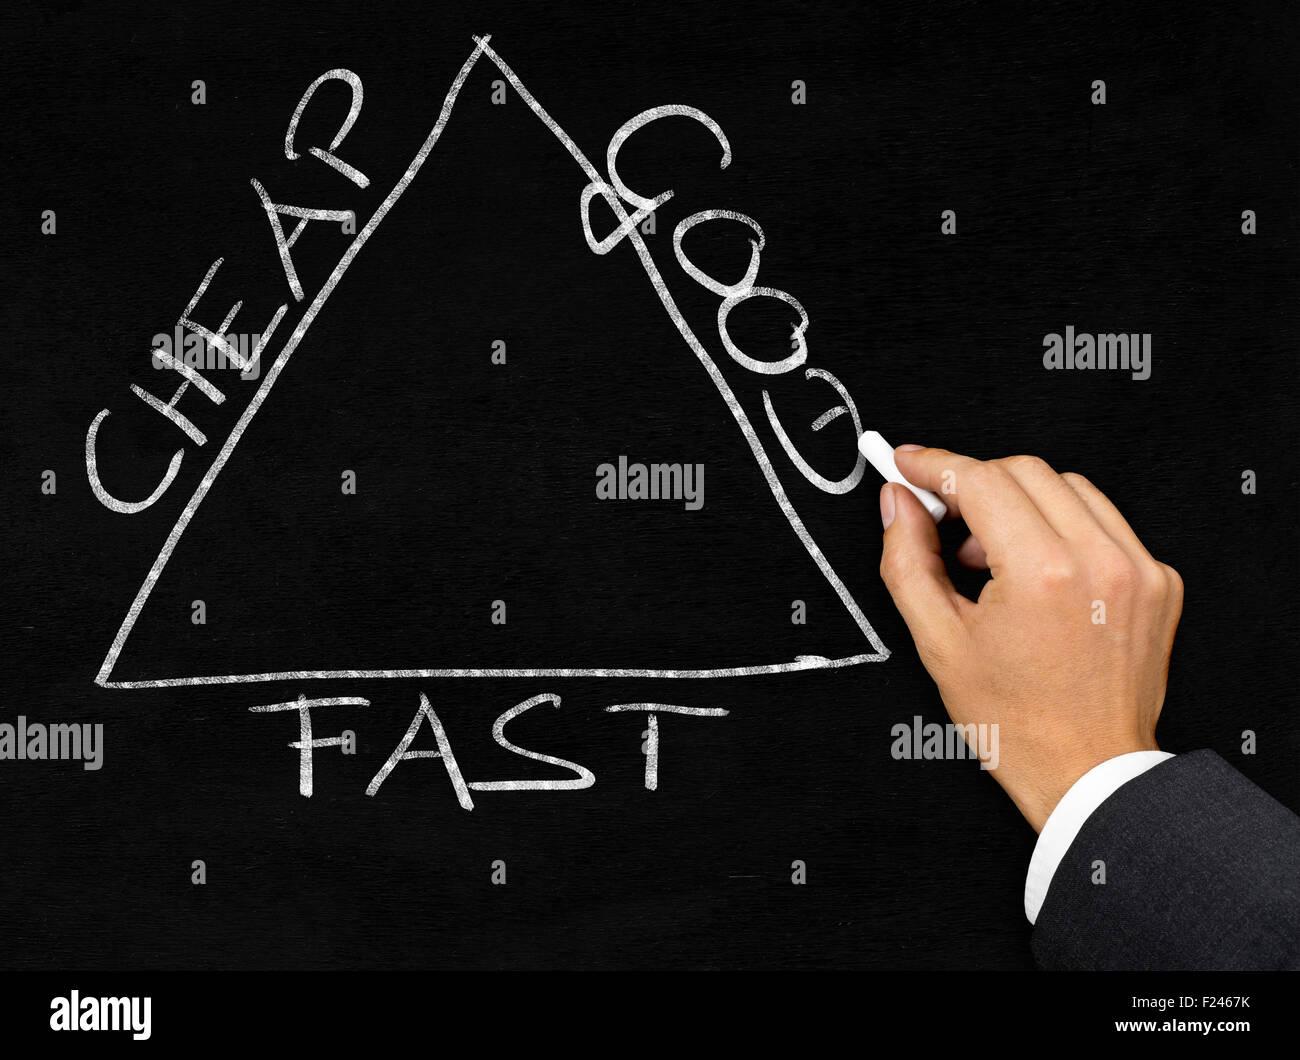 L'uomo disegno 'a buon mercato e di buona, veloce' triangolo di business con un gessetto sulla lavagna Immagini Stock